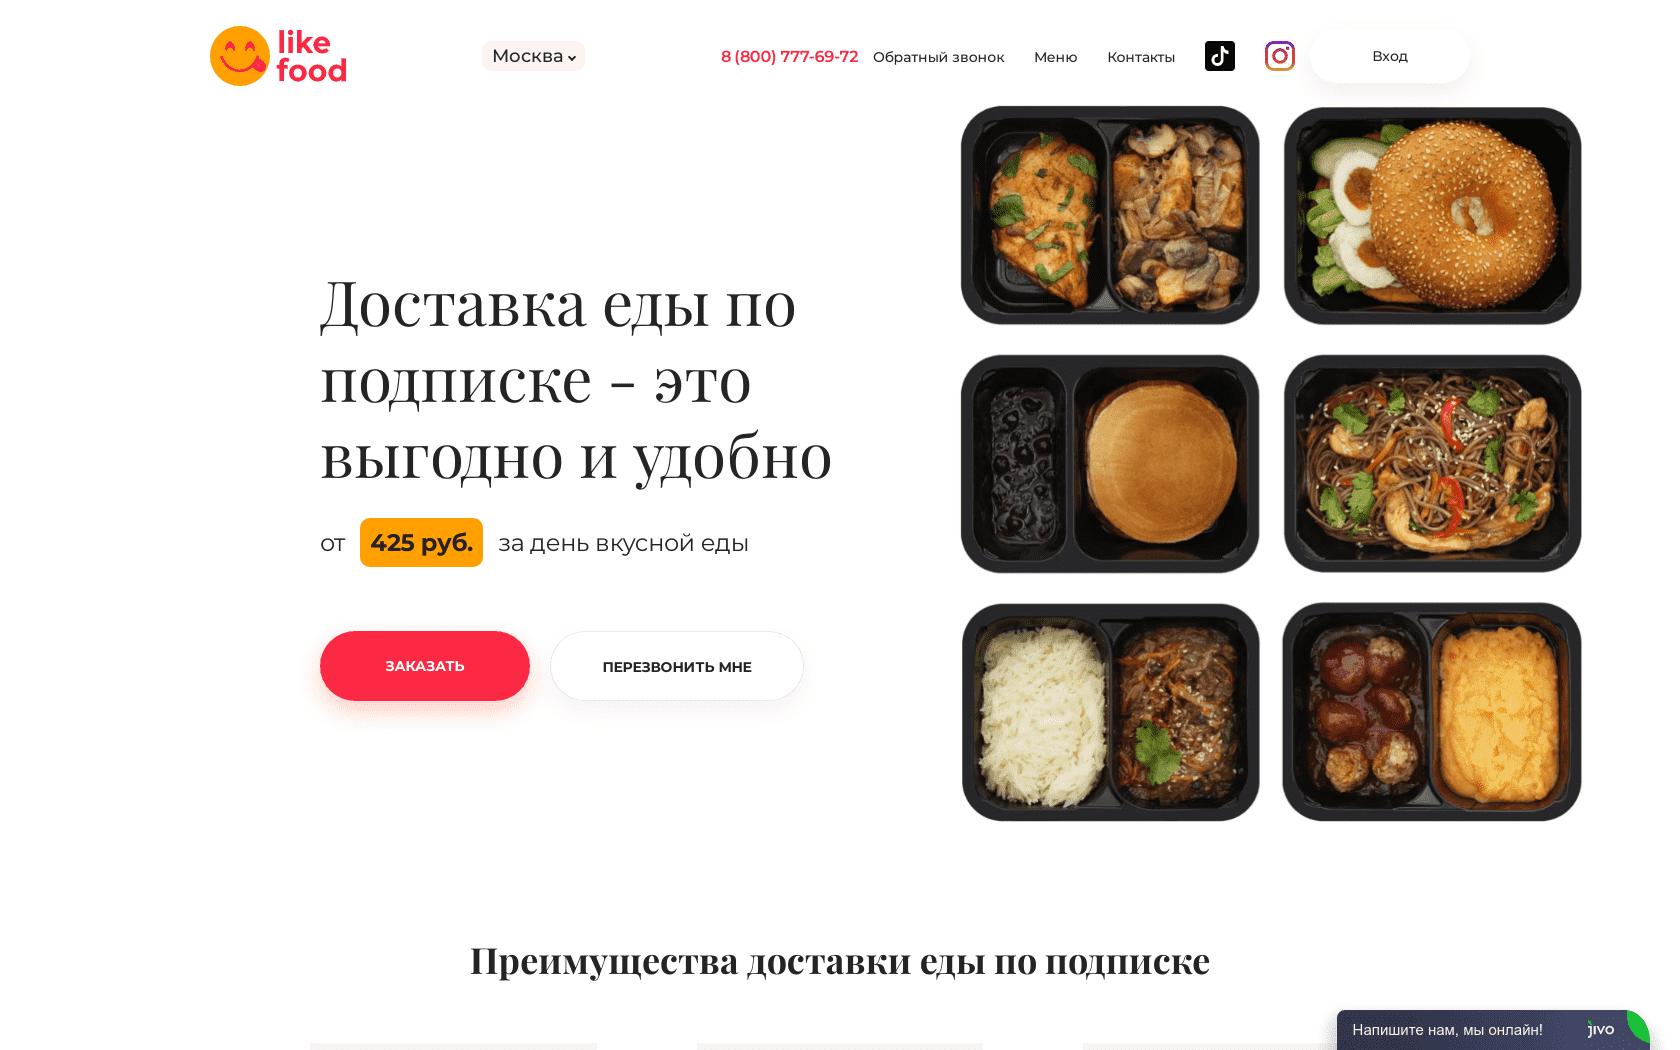 Likefood